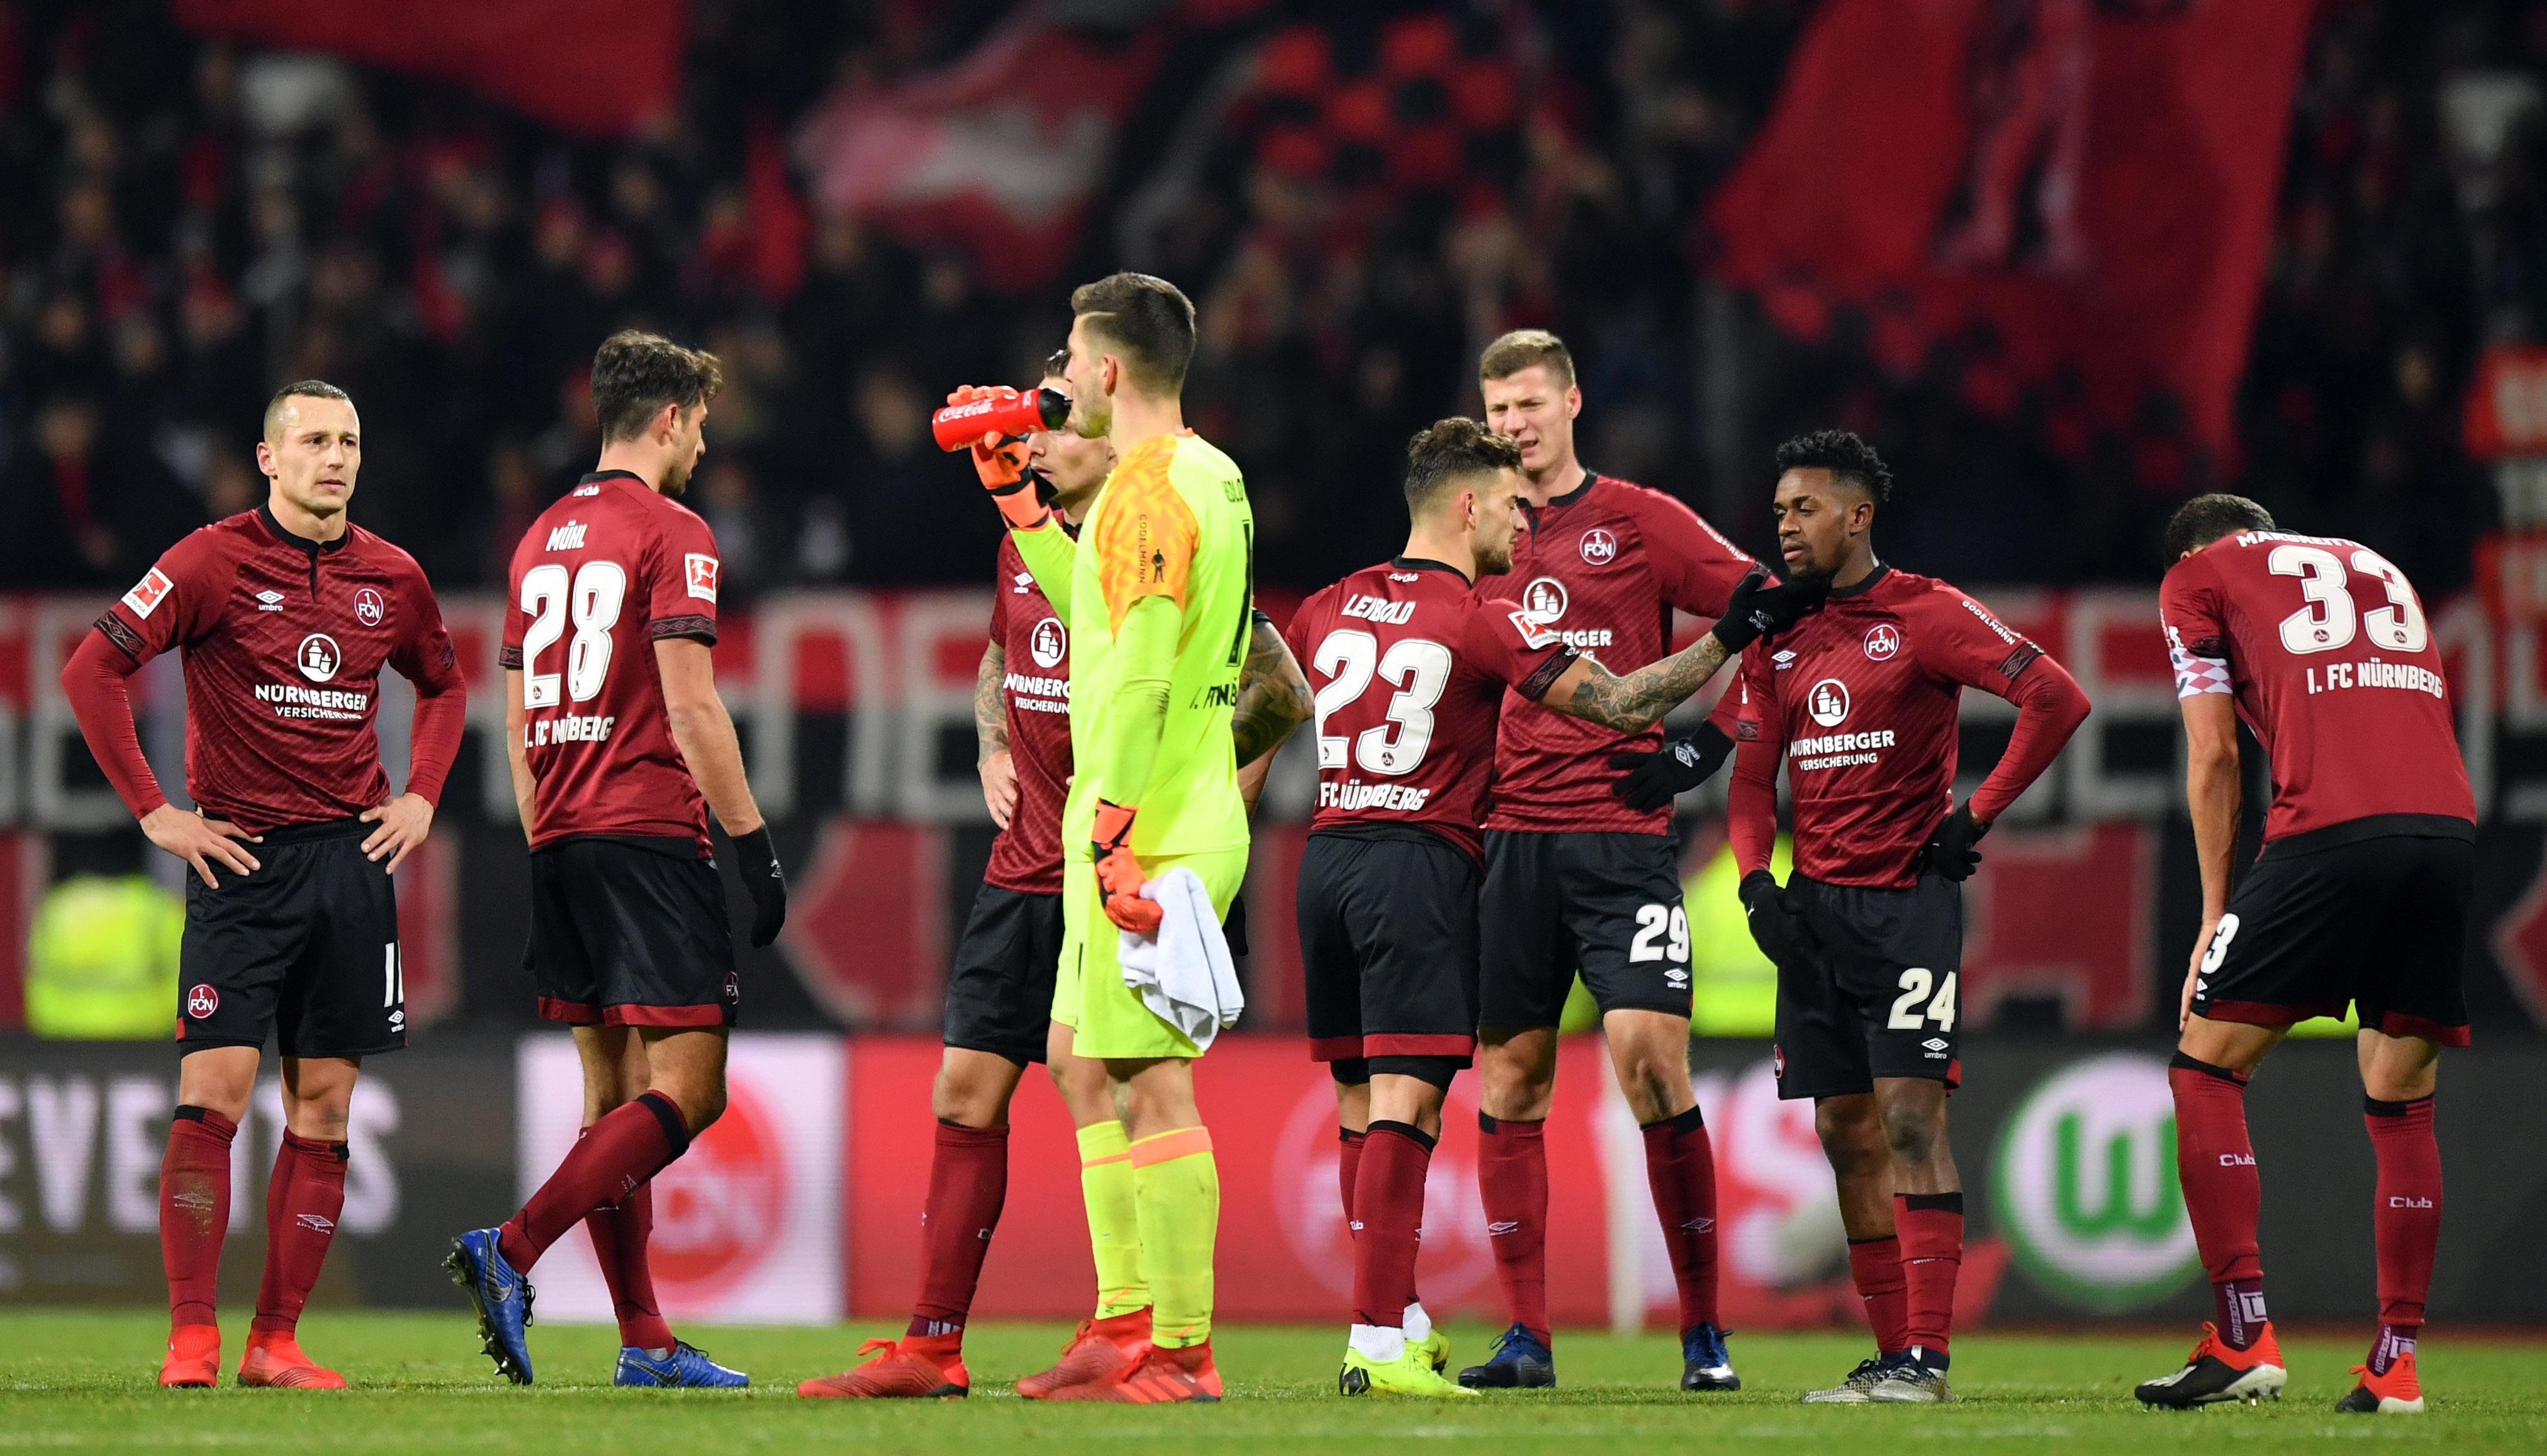 Bundesliga Abstiegskampf: Fünfkampf gegen den Abstieg